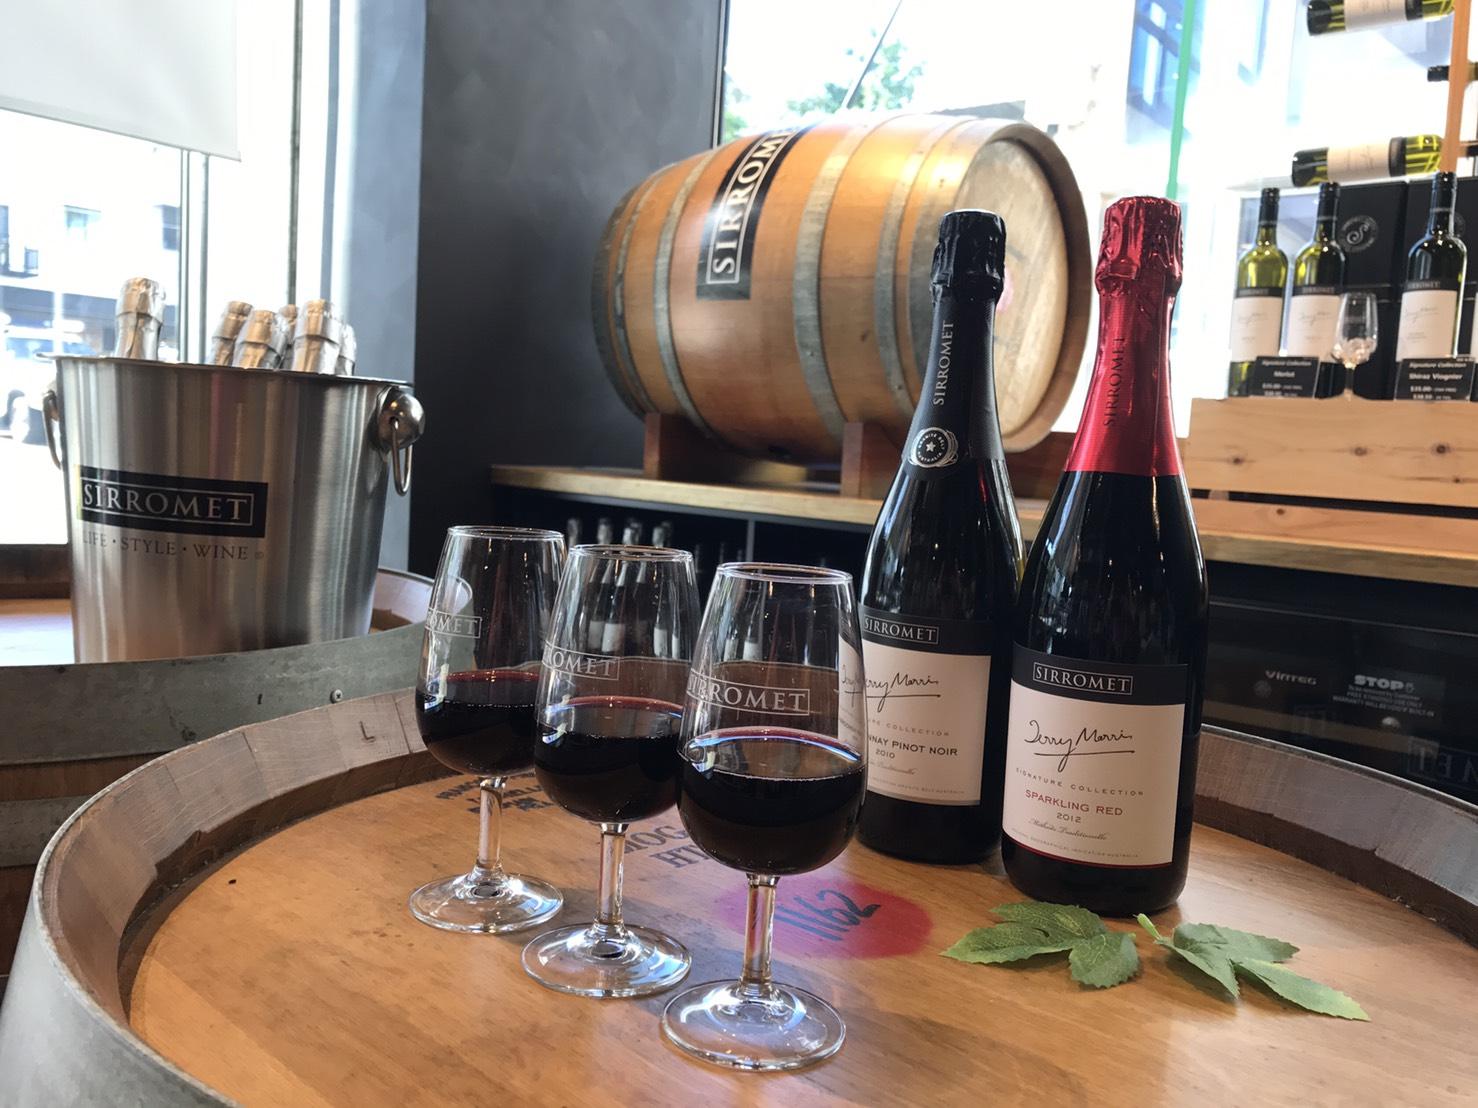 <p>店内にはオーストラリアワインのSirrometが試飲できるスペースを完備。</p>